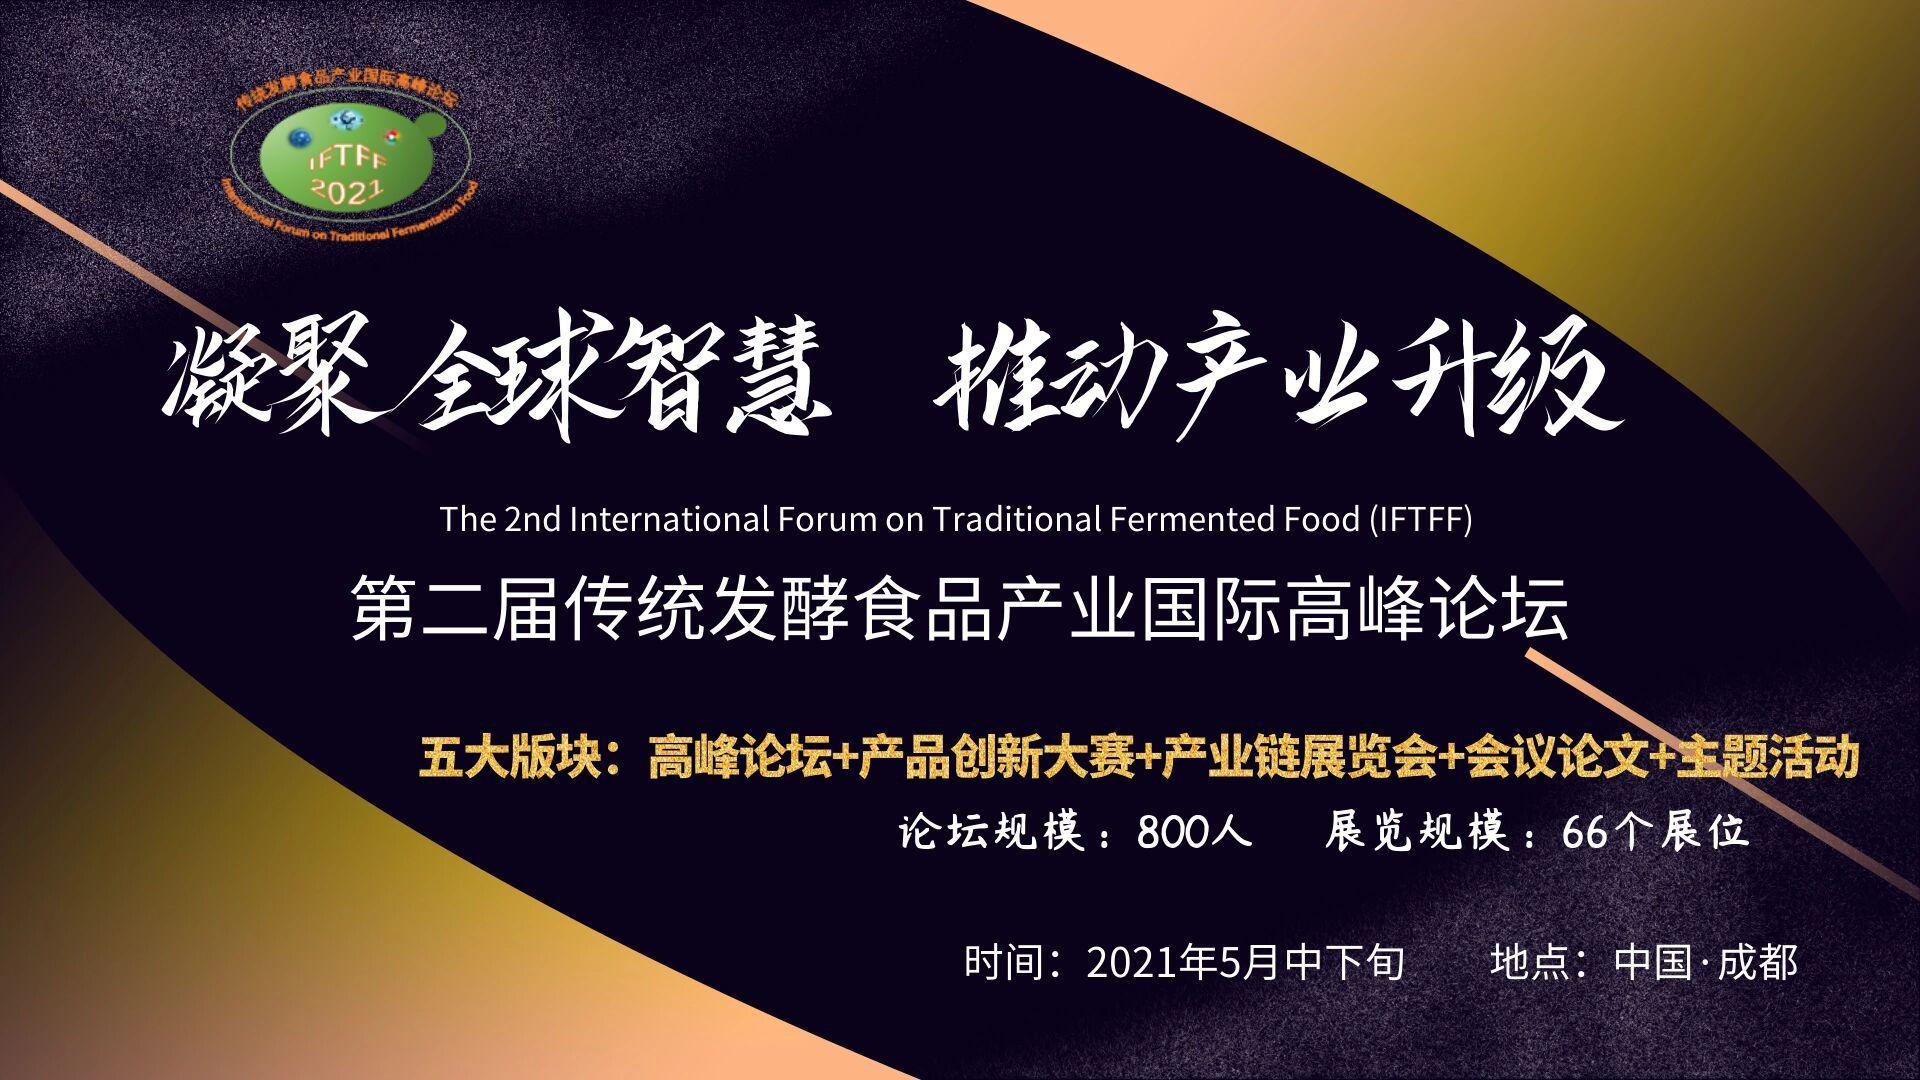 第二届传统发酵食品产业国际高峰论坛